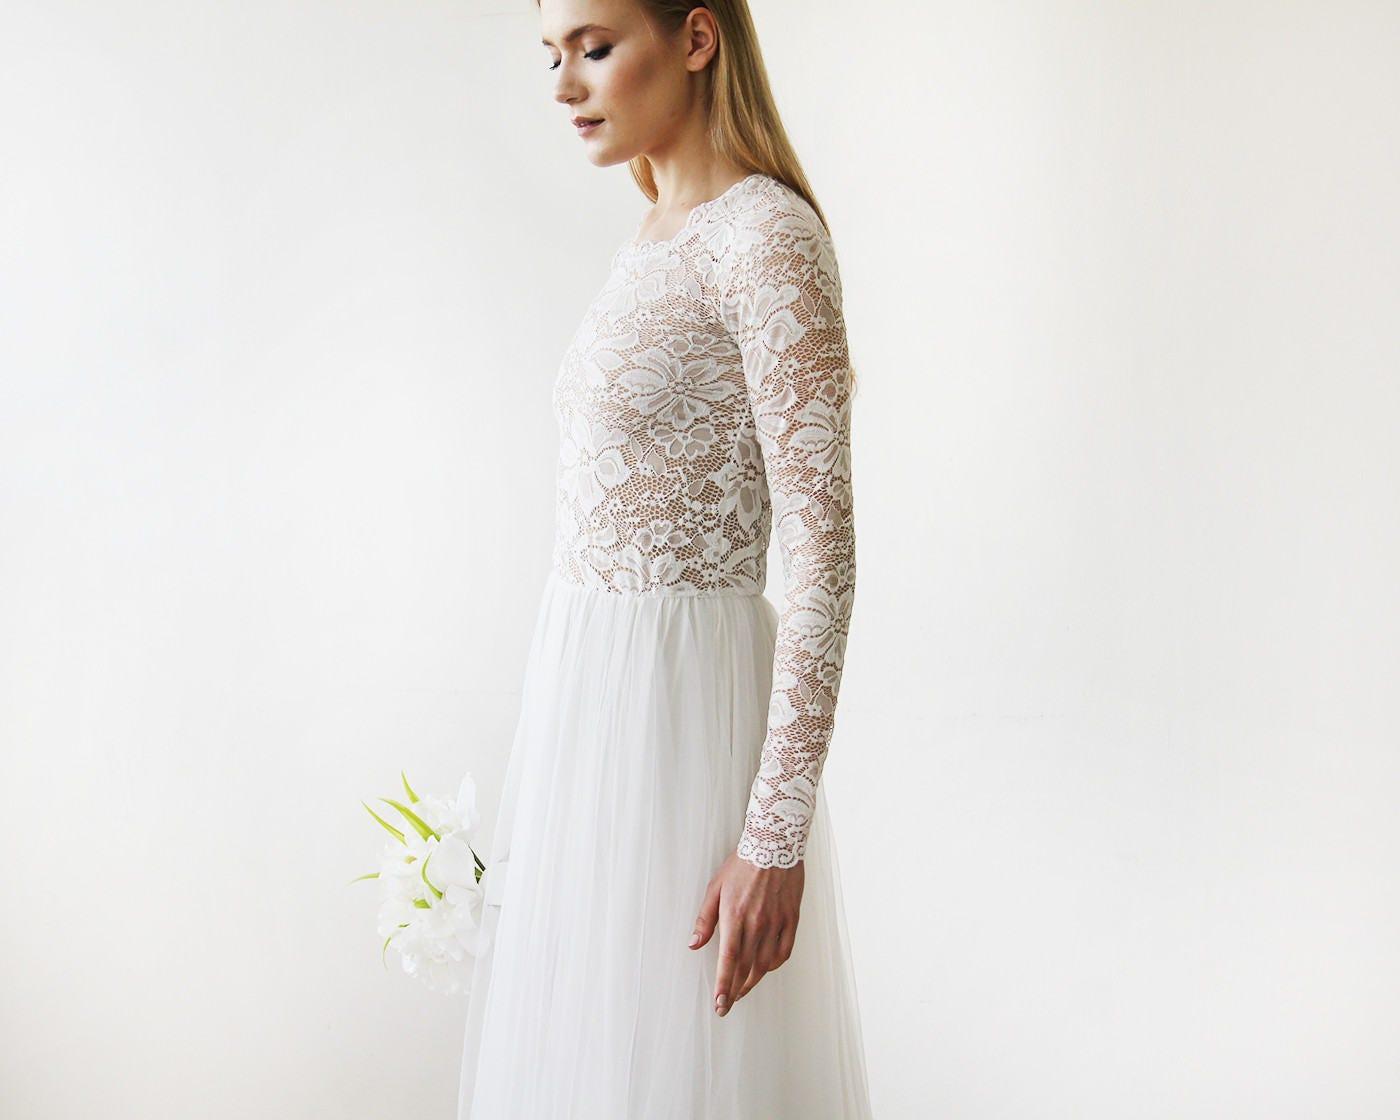 Hochzeit Kleid runden Ausschnitt lange Ärmel schiere Spitzen